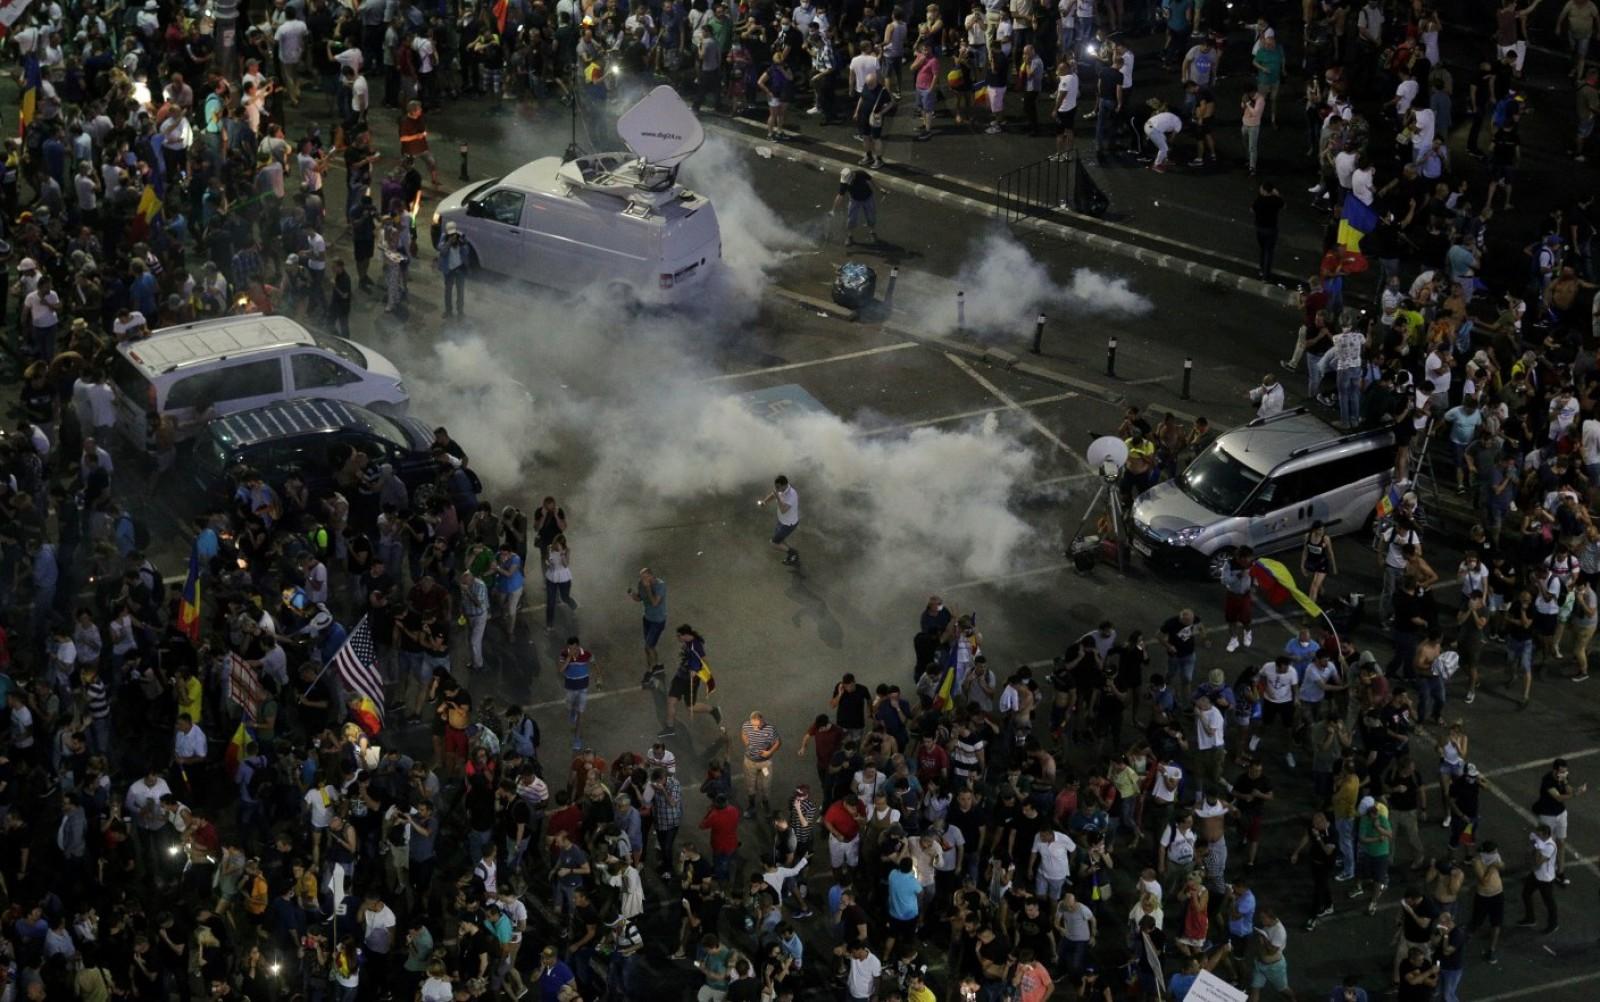 România: Ce vor păți jandarmii care au lovit protestatari pașnici. Poziție oficială